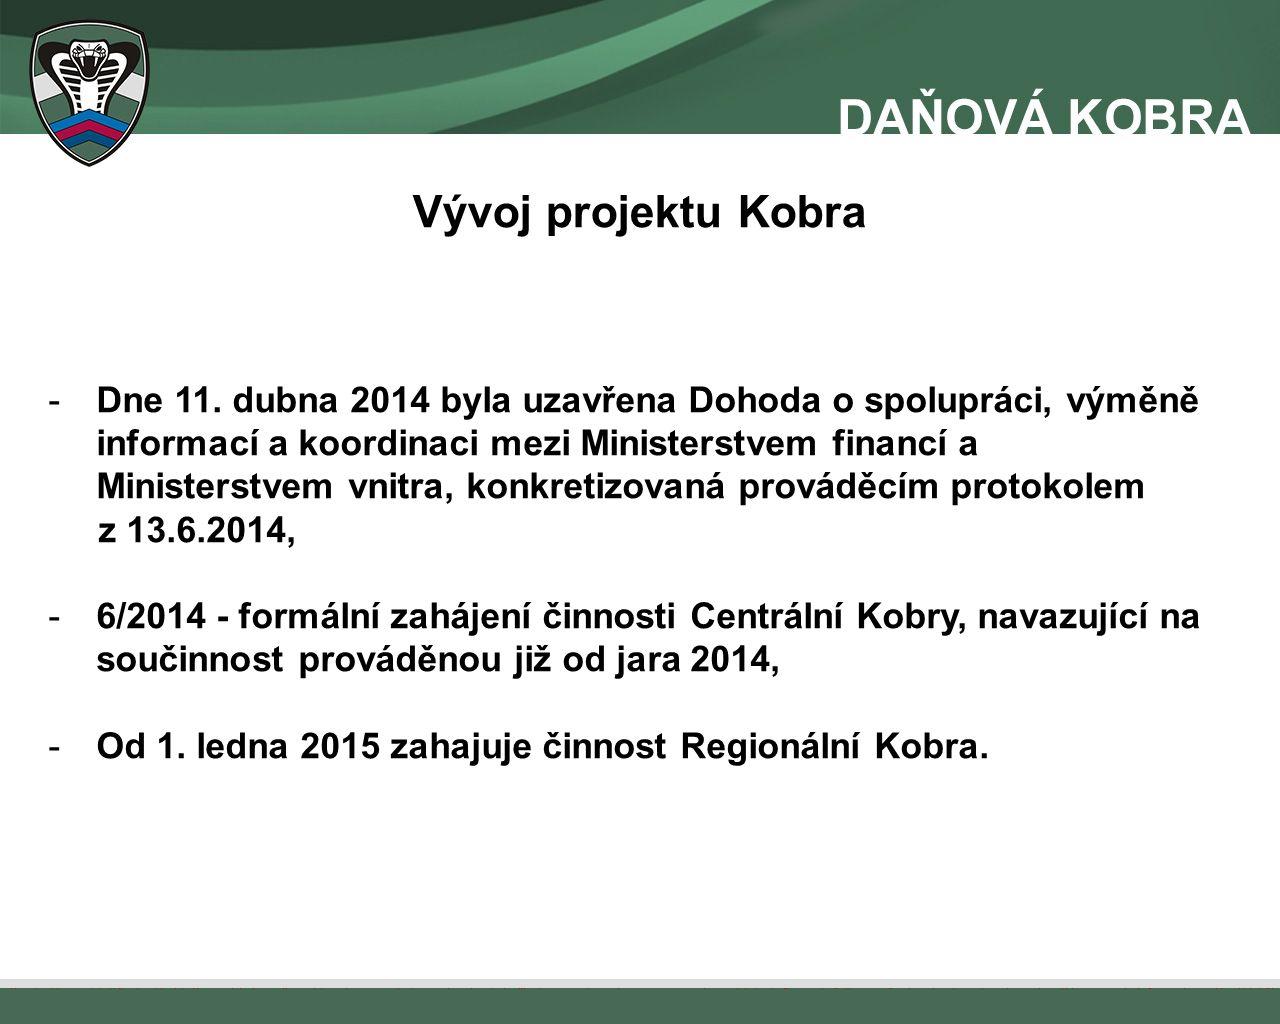 Vývoj projektu Kobra -Dne 11. dubna 2014 byla uzavřena Dohoda o spolupráci, výměně informací a koordinaci mezi Ministerstvem financí a Ministerstvem v